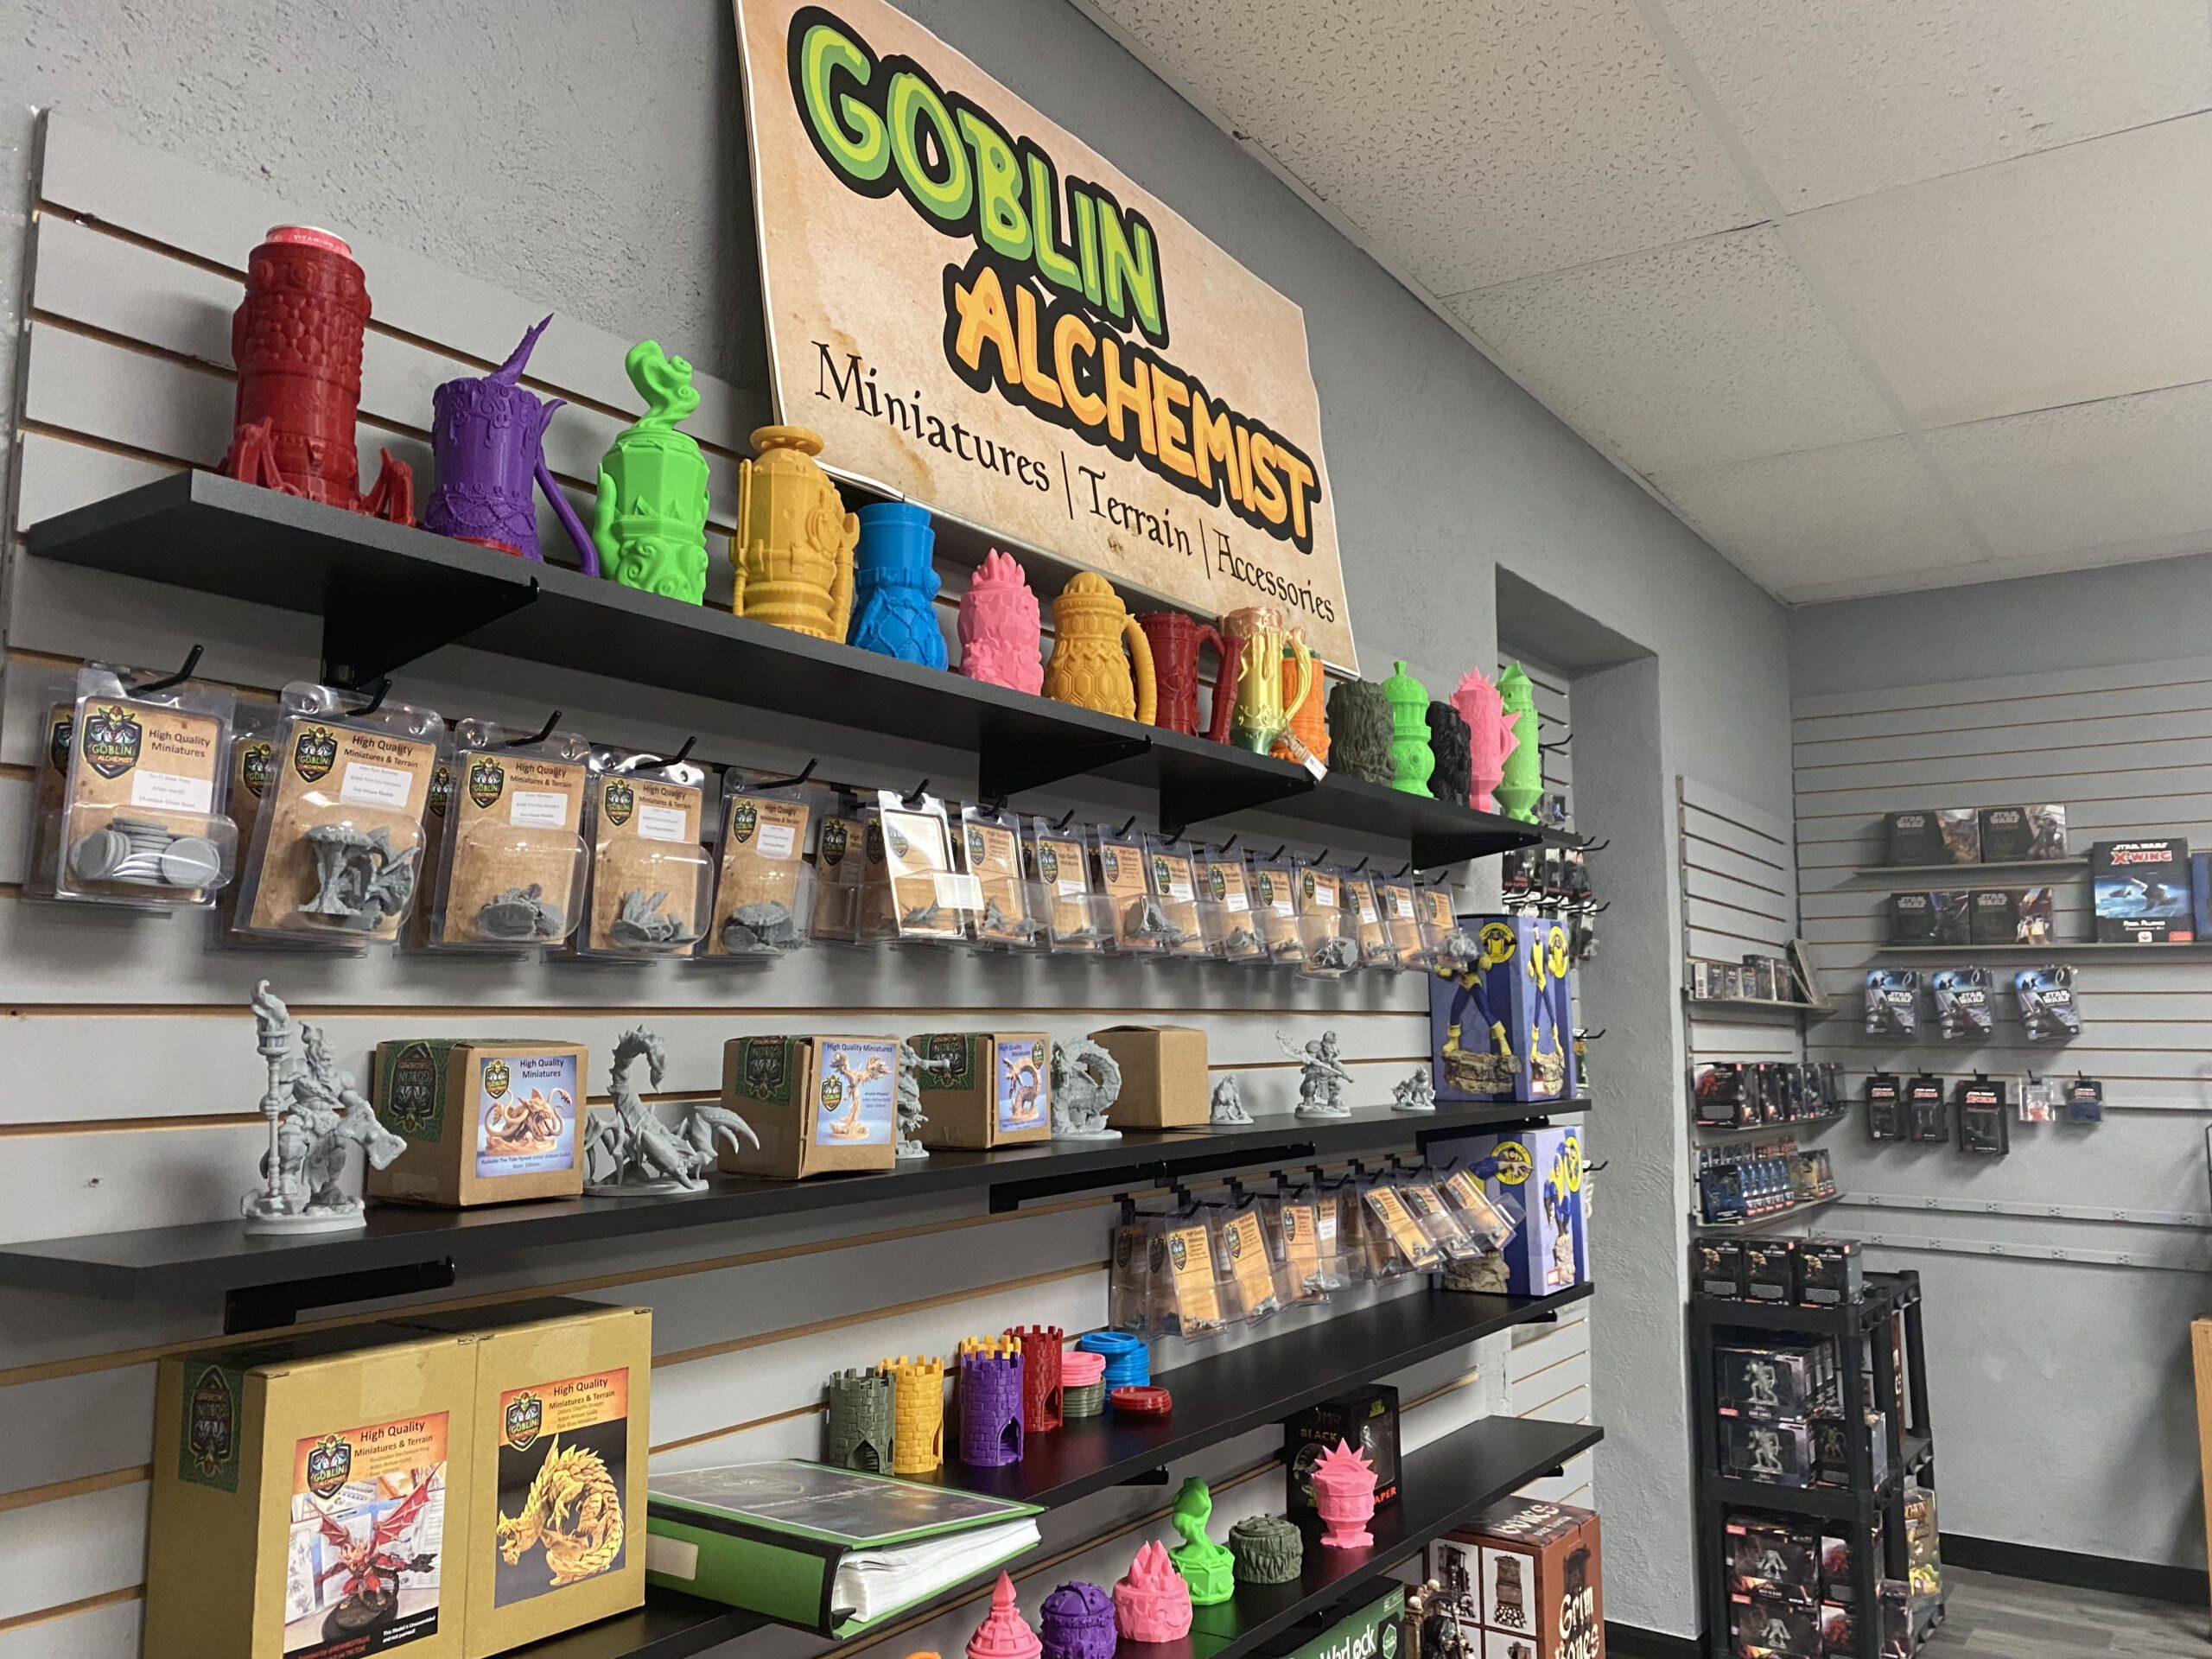 Display of games and figurines inside Gators Games & Hobby in Leavenworth, Kansas